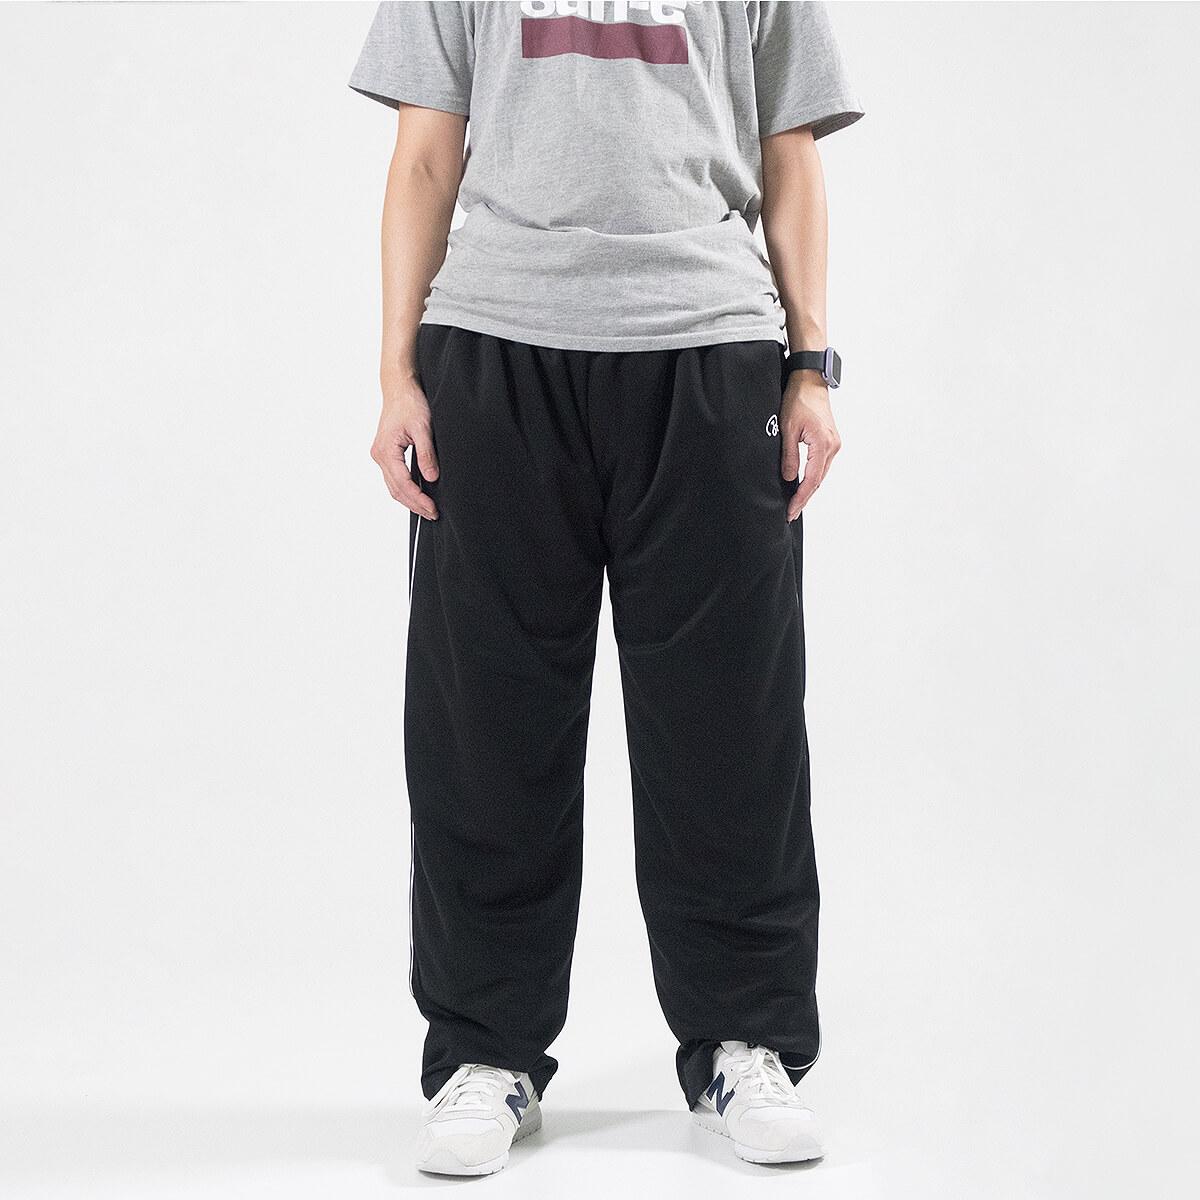 加大尺碼防潑水長褲 保暖台灣製長褲 防風休閒長褲 褲管無縮口彈性長褲 大尺碼男裝 全腰圍鬆緊帶休閒褲 黑色長褲 Made In Taiwan Big And Tall Water Repellent Pants Casual Pants (310-2056-08)深藍色、(310-2056-21)黑色、(310-2056-22)深灰色 4L 5L (腰圍:97~119公分  /  38~47英吋) 男女可穿 [實體店面保障] sun-e 2